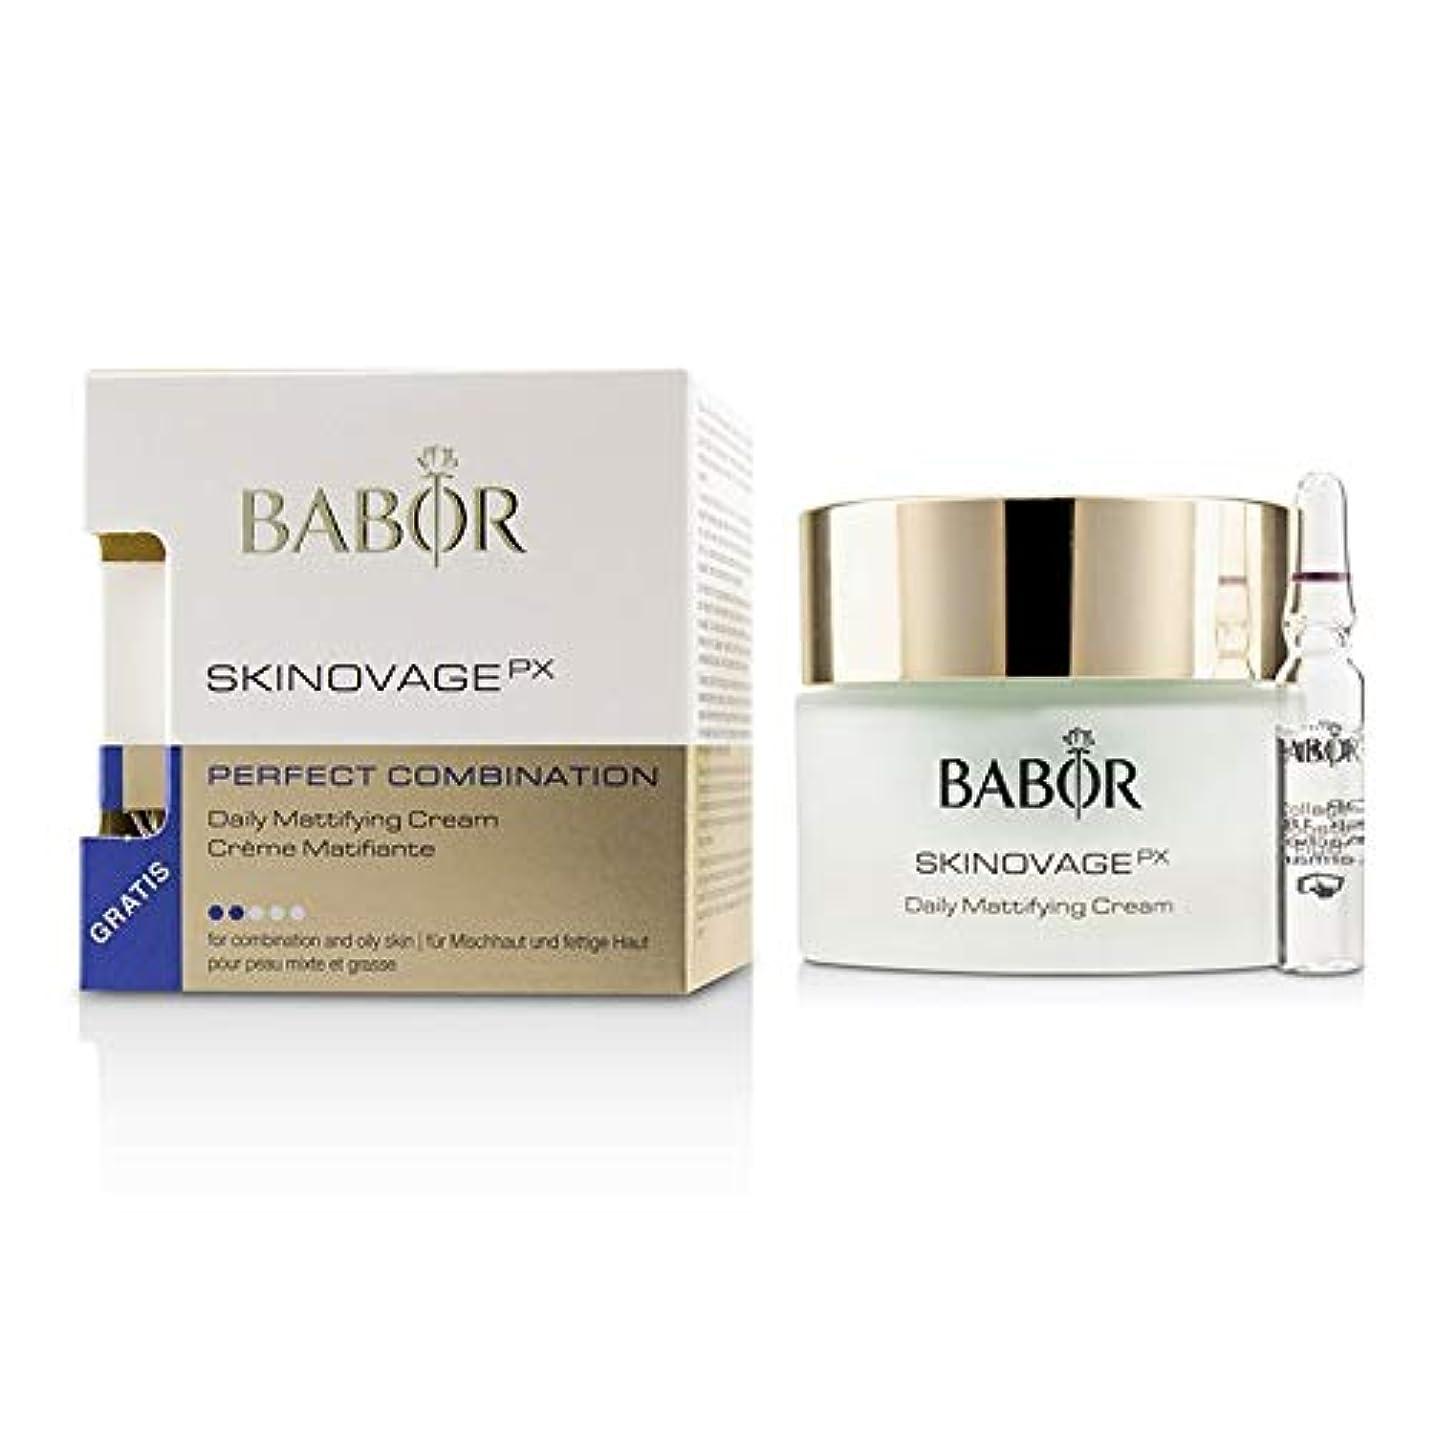 素敵なバレーボールトランスペアレントバボール Skinovage PX Perfect Combination Daily Mattifying Cream (with Free Collagen Booster Fluid 2ml) - For Combination...